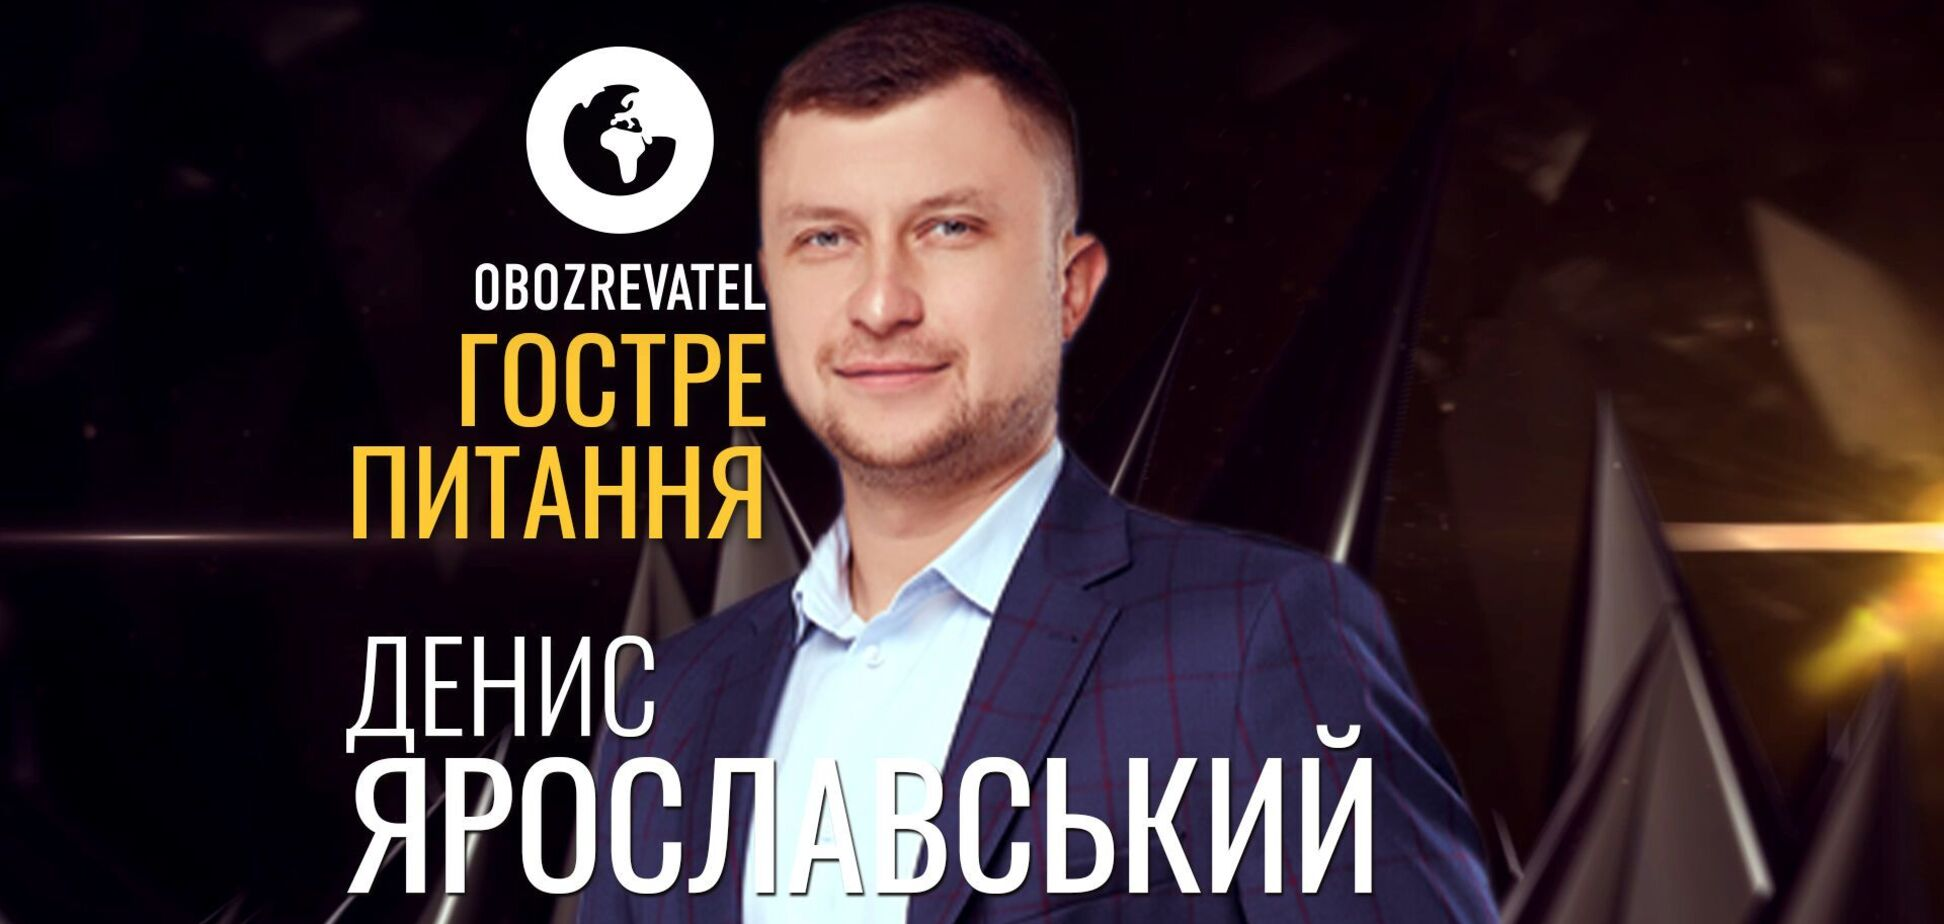 Денис Ярославский | Гостре питання